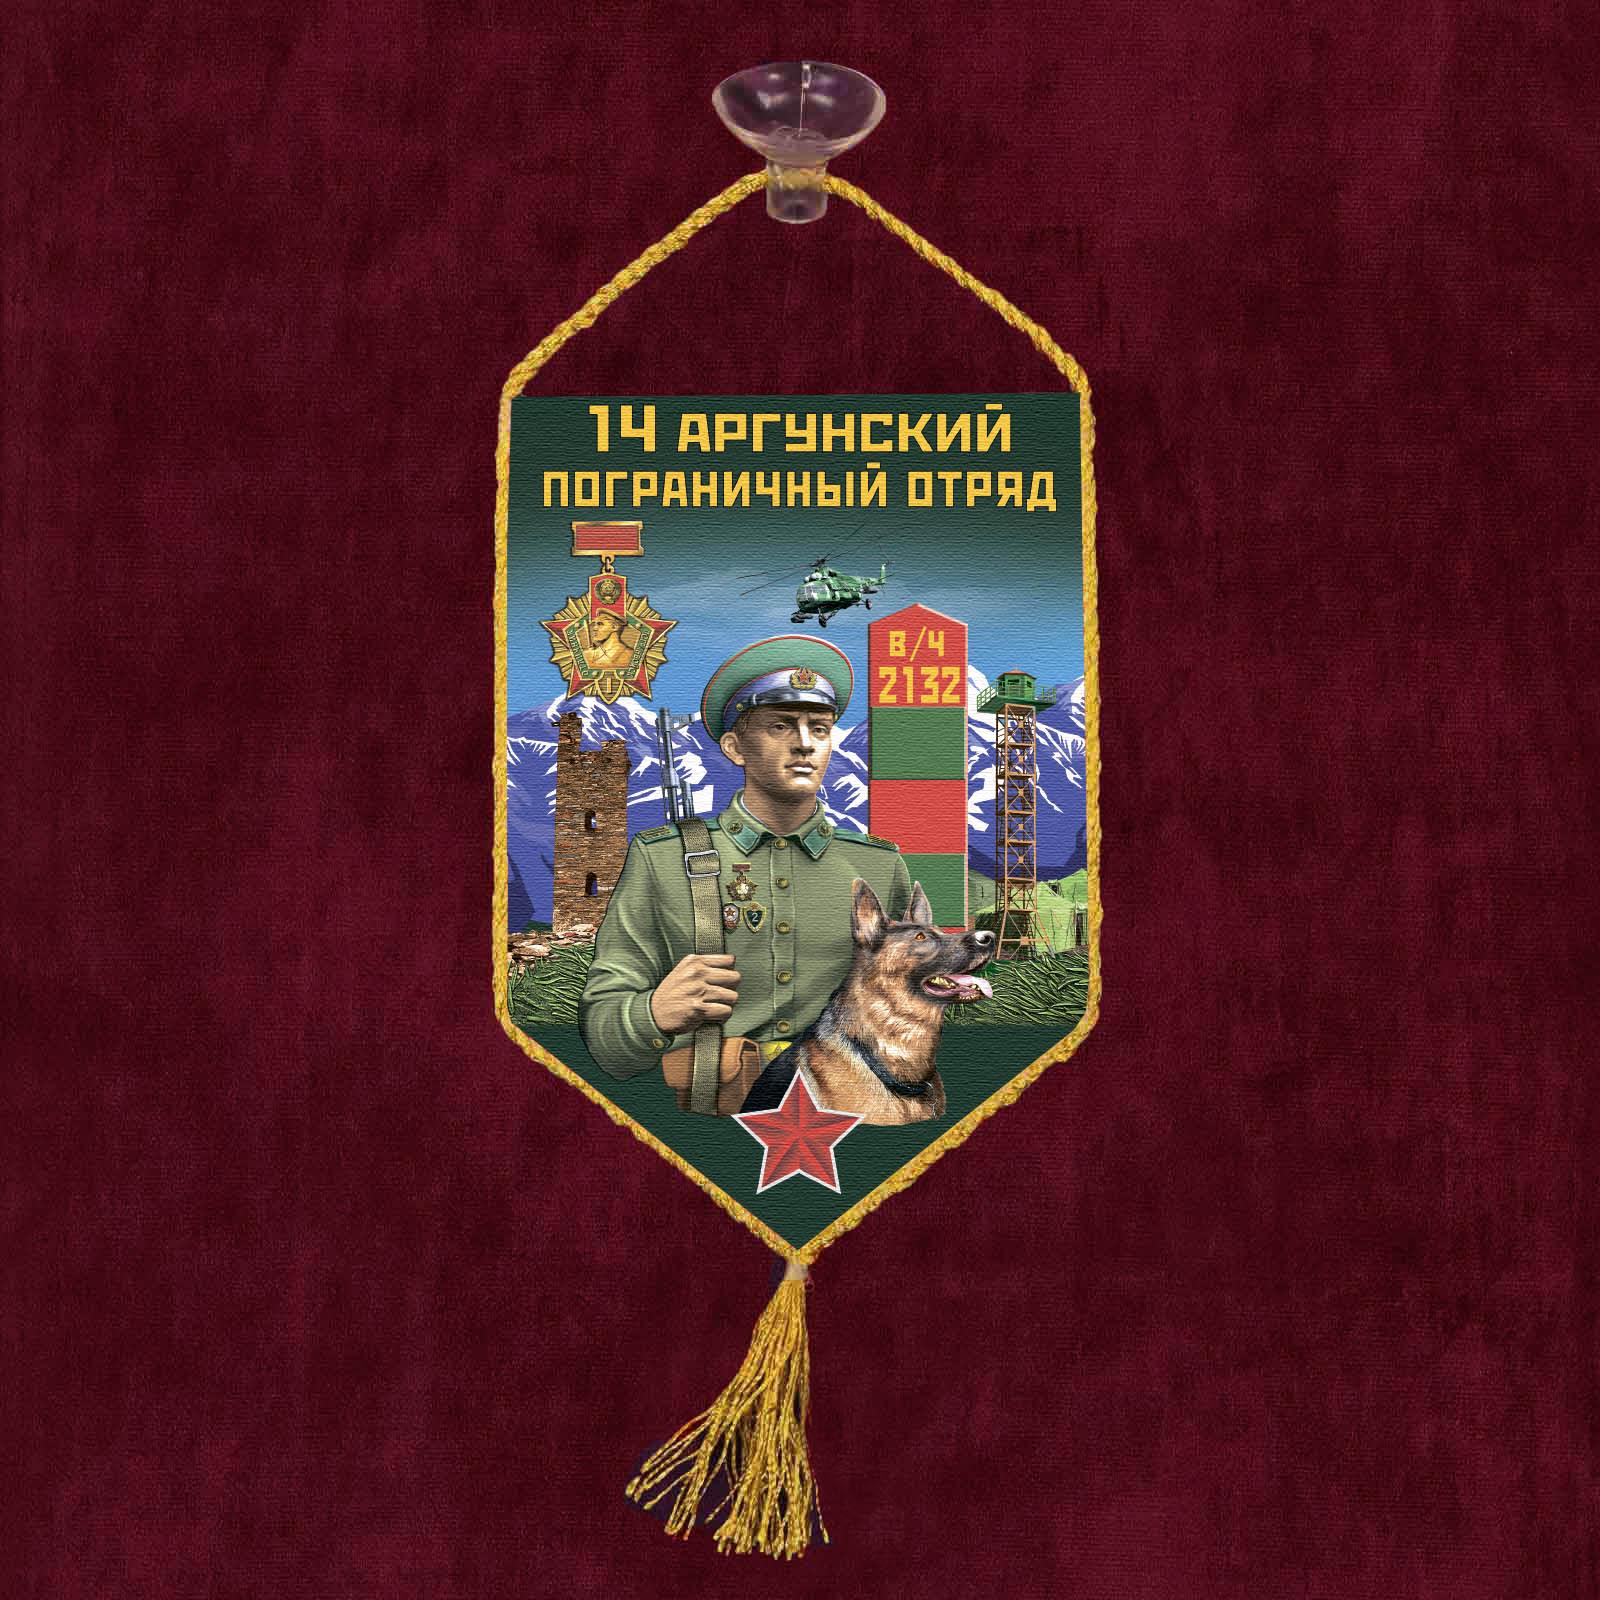 """Автомобильный вымпел """"14 Аргунский пограничный отряд"""""""